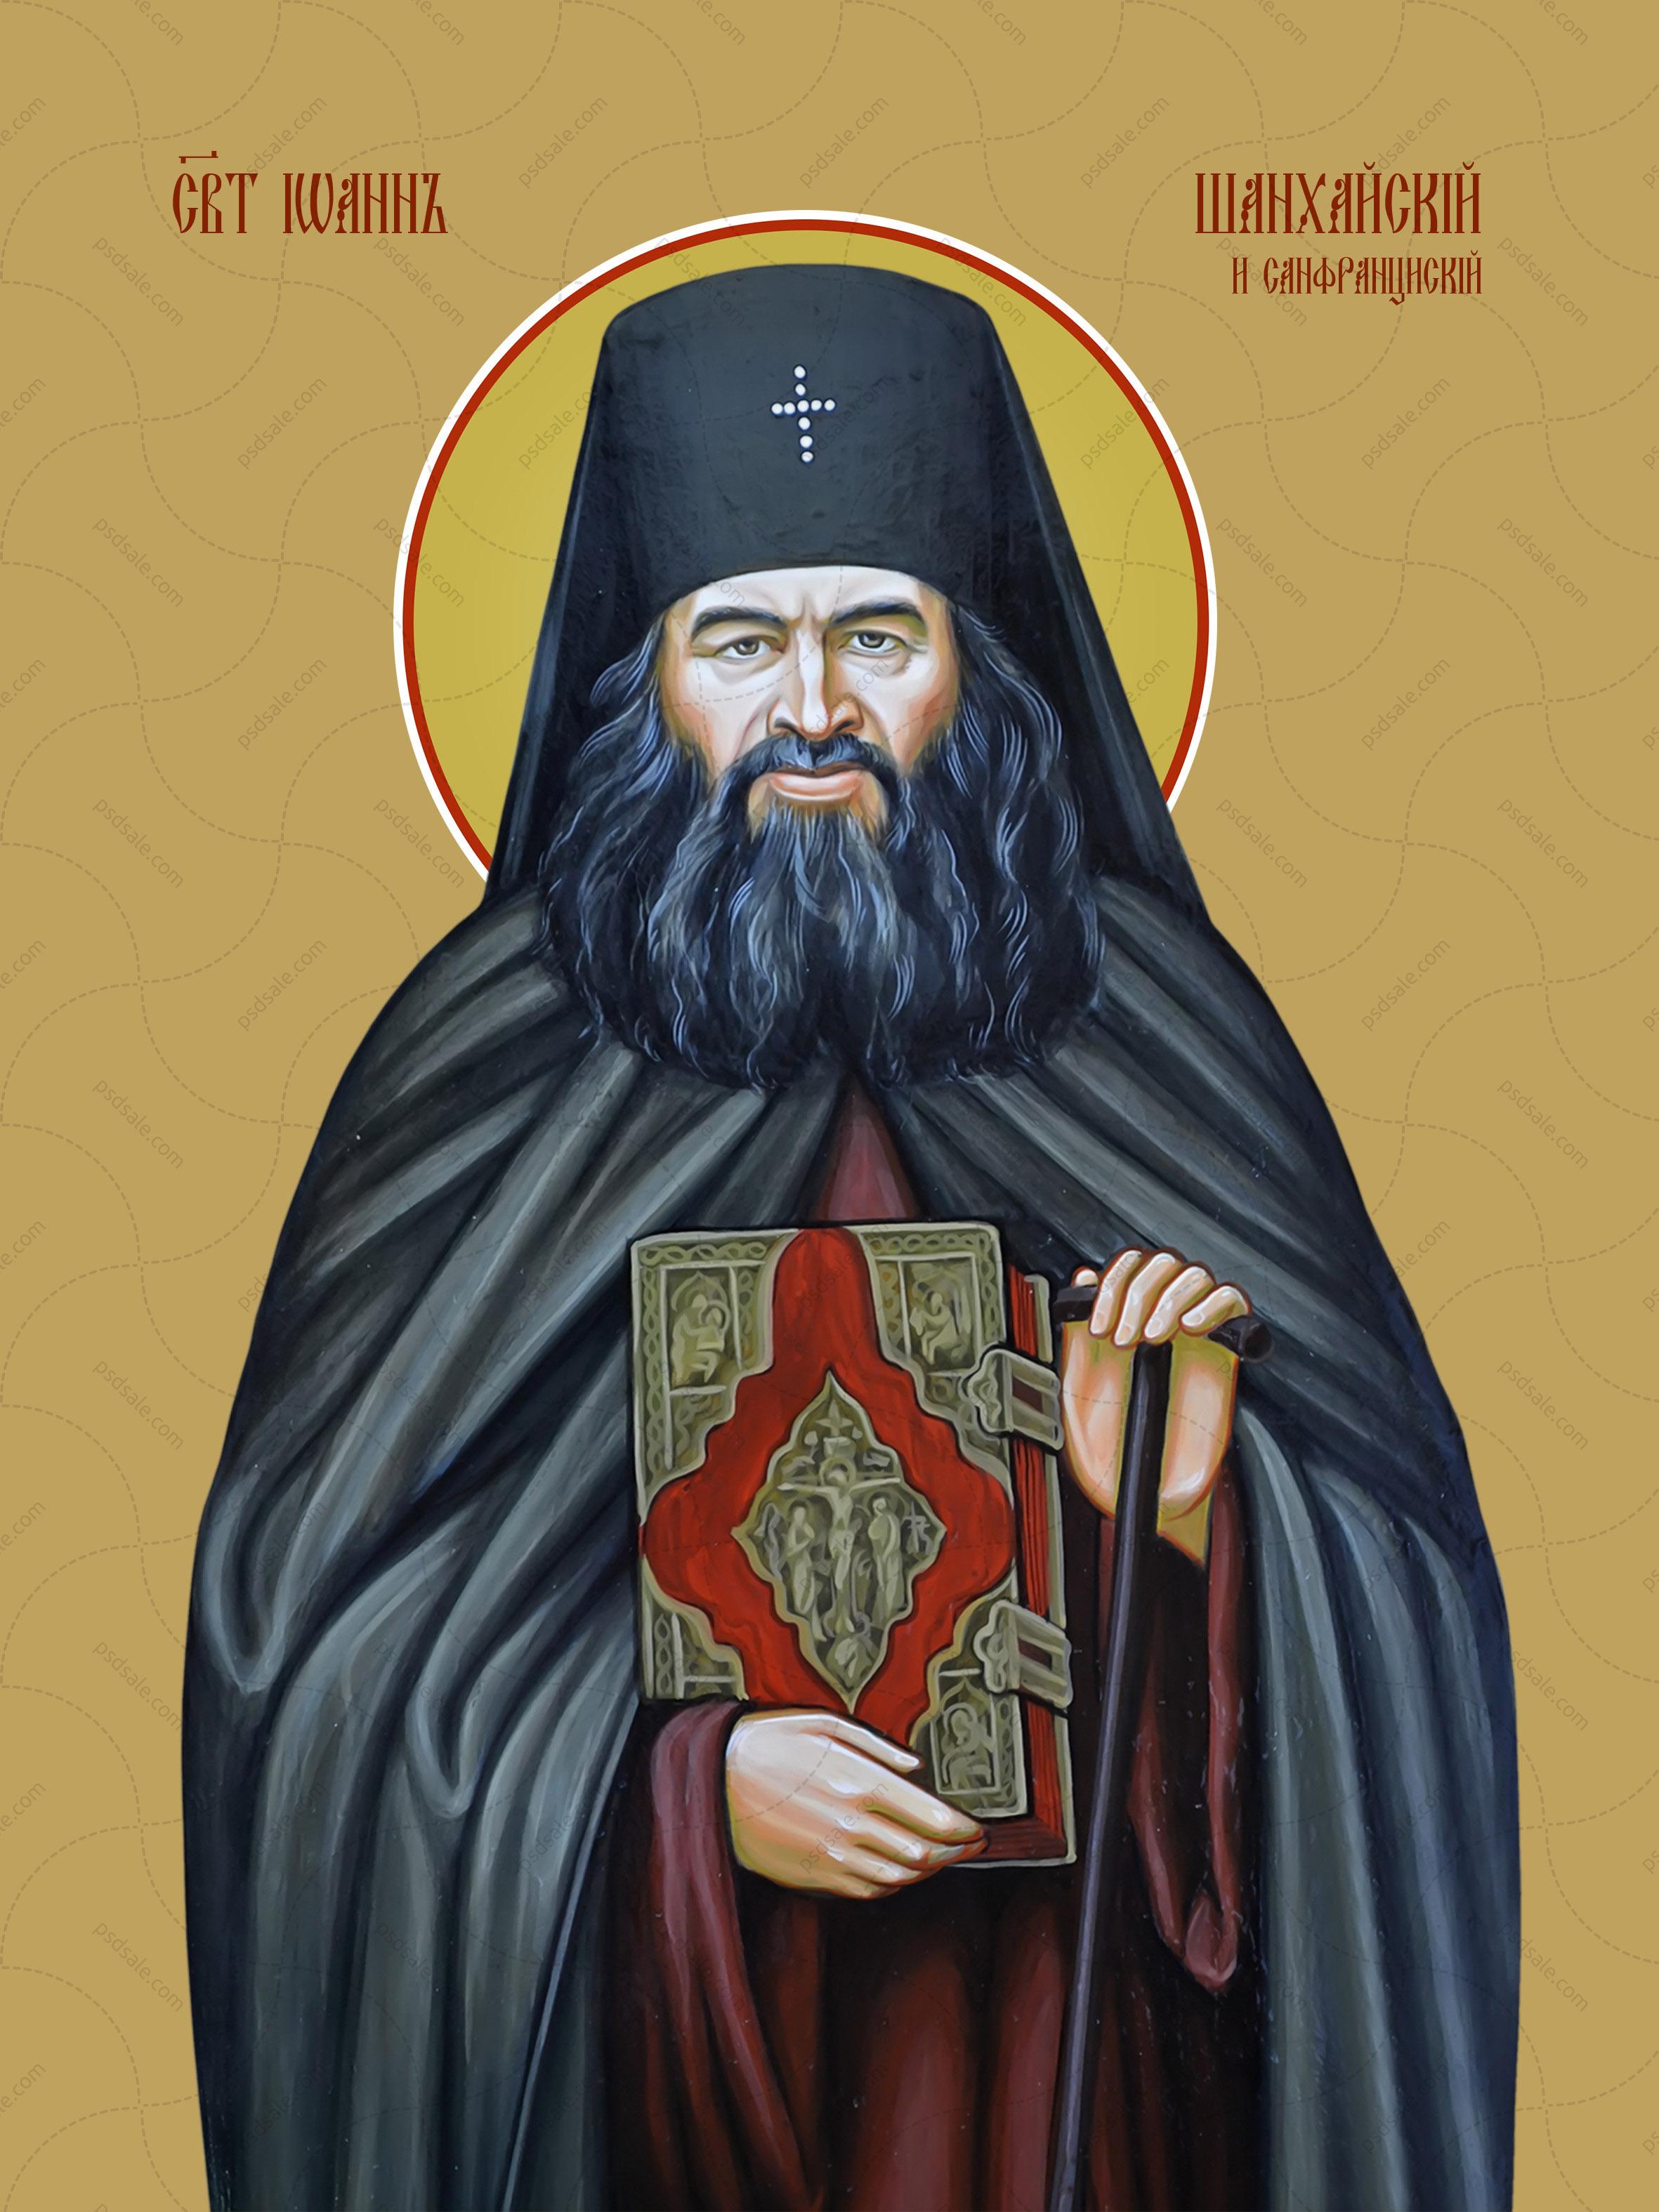 Иоанн Сан Францисский, святитель